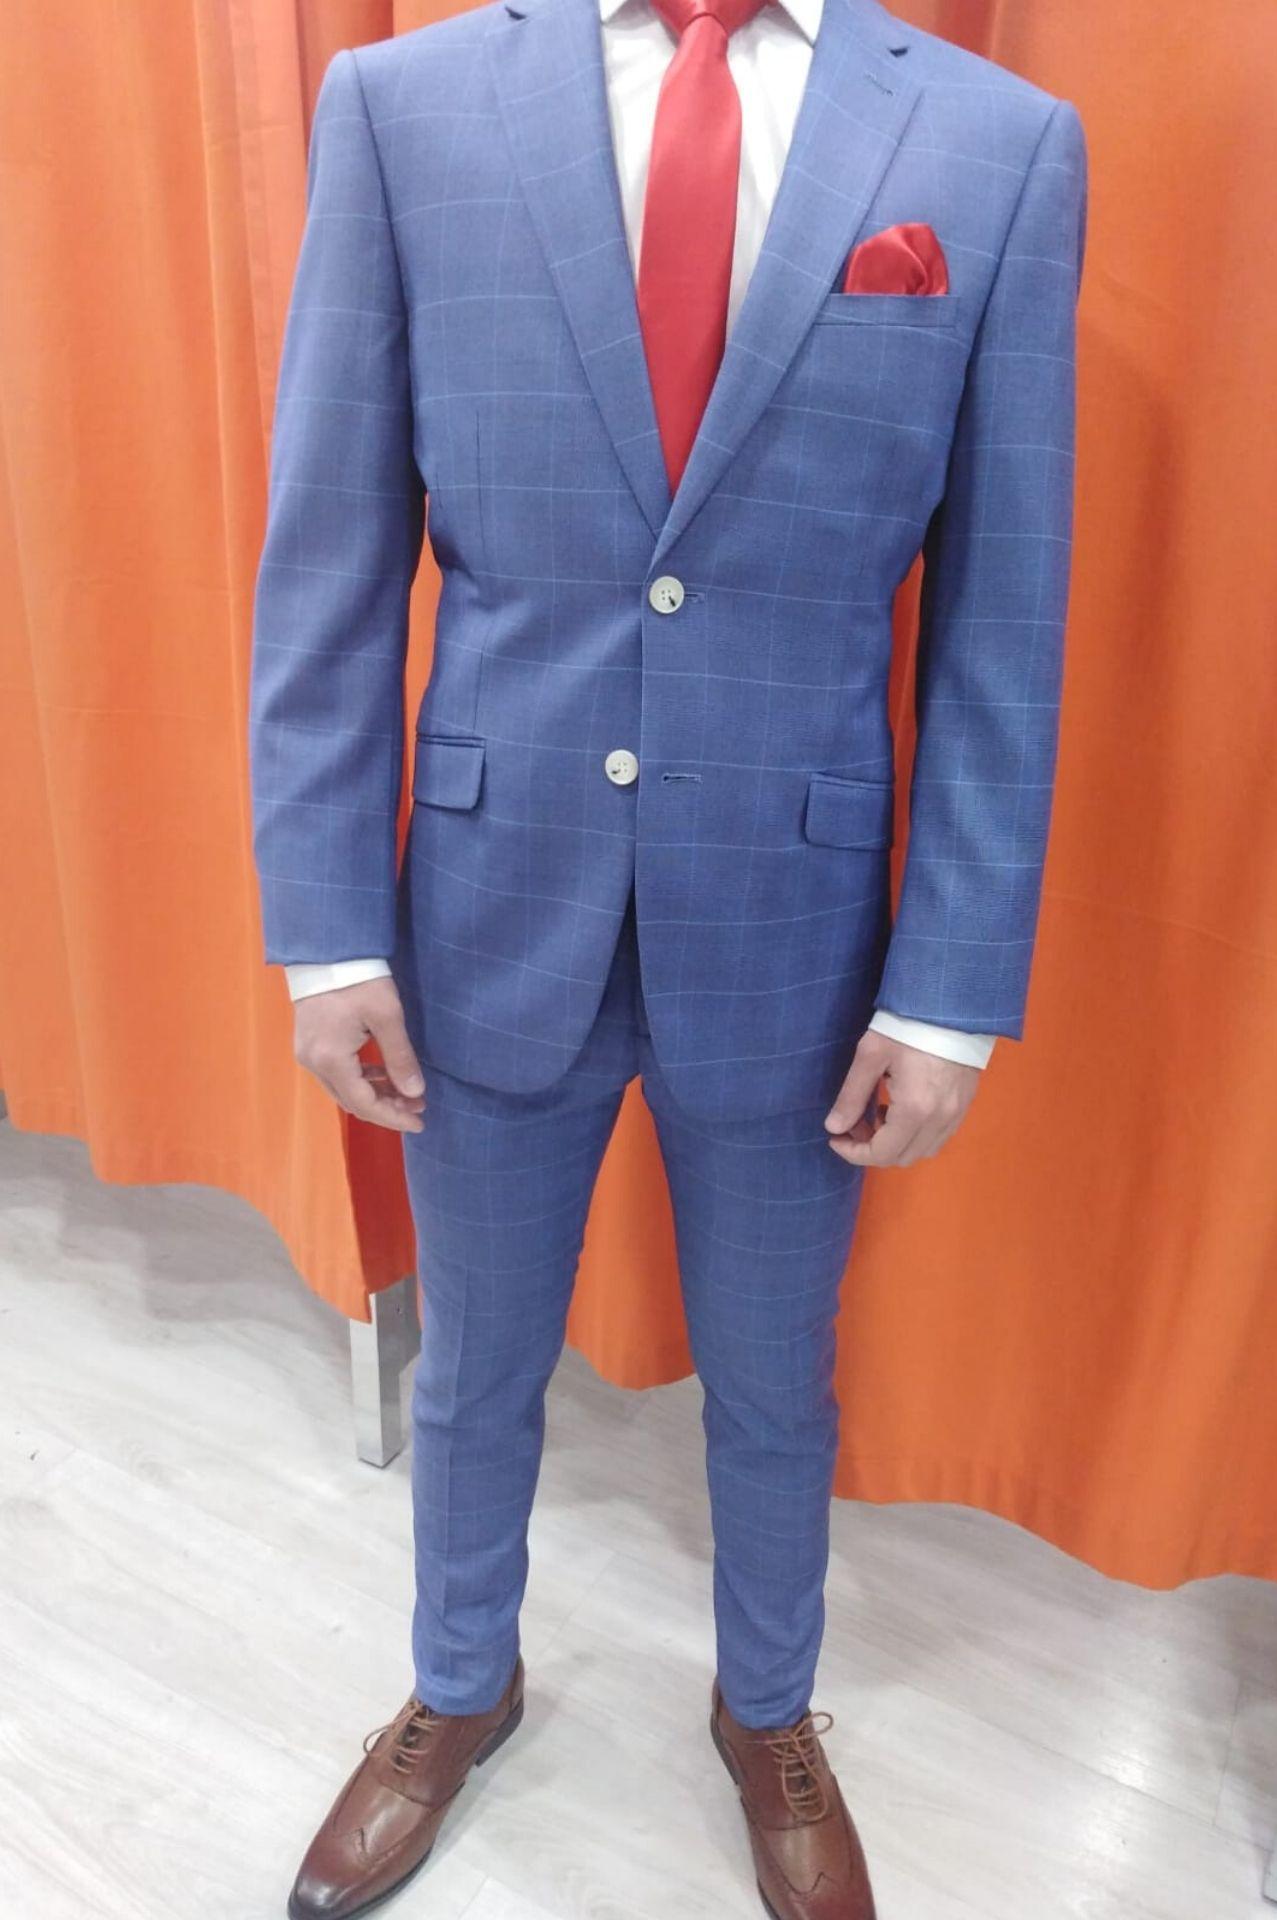 traje-cuadro-de-gales-azul-trd-02-1